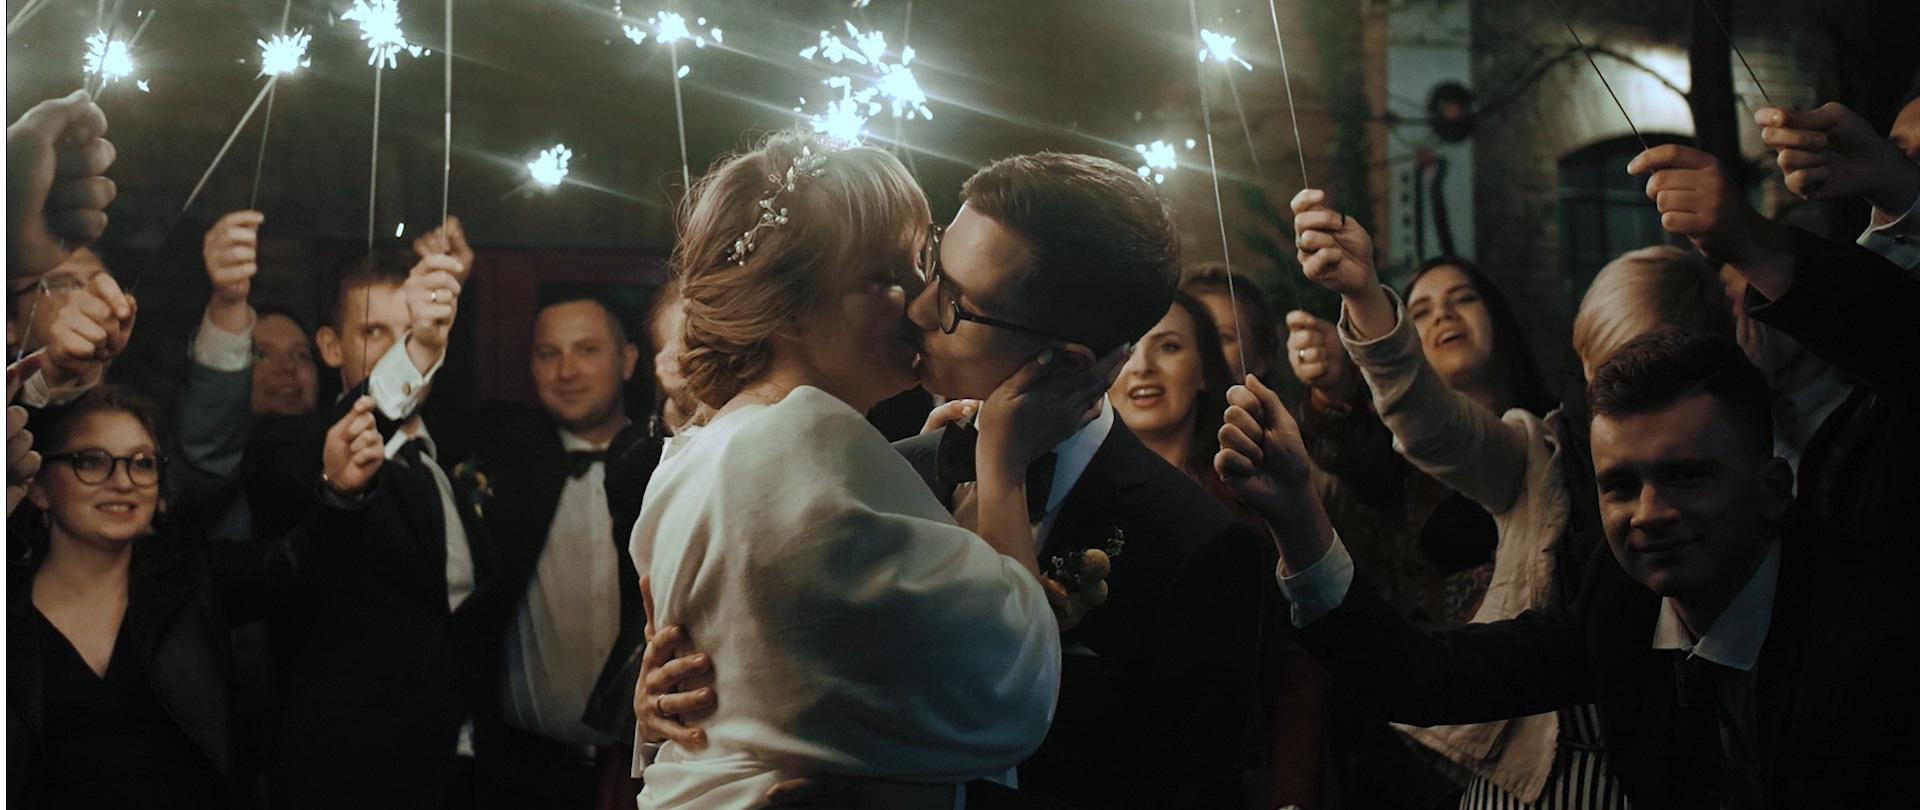 zimne ognie na wesele weselu śląsk katowice.jpg